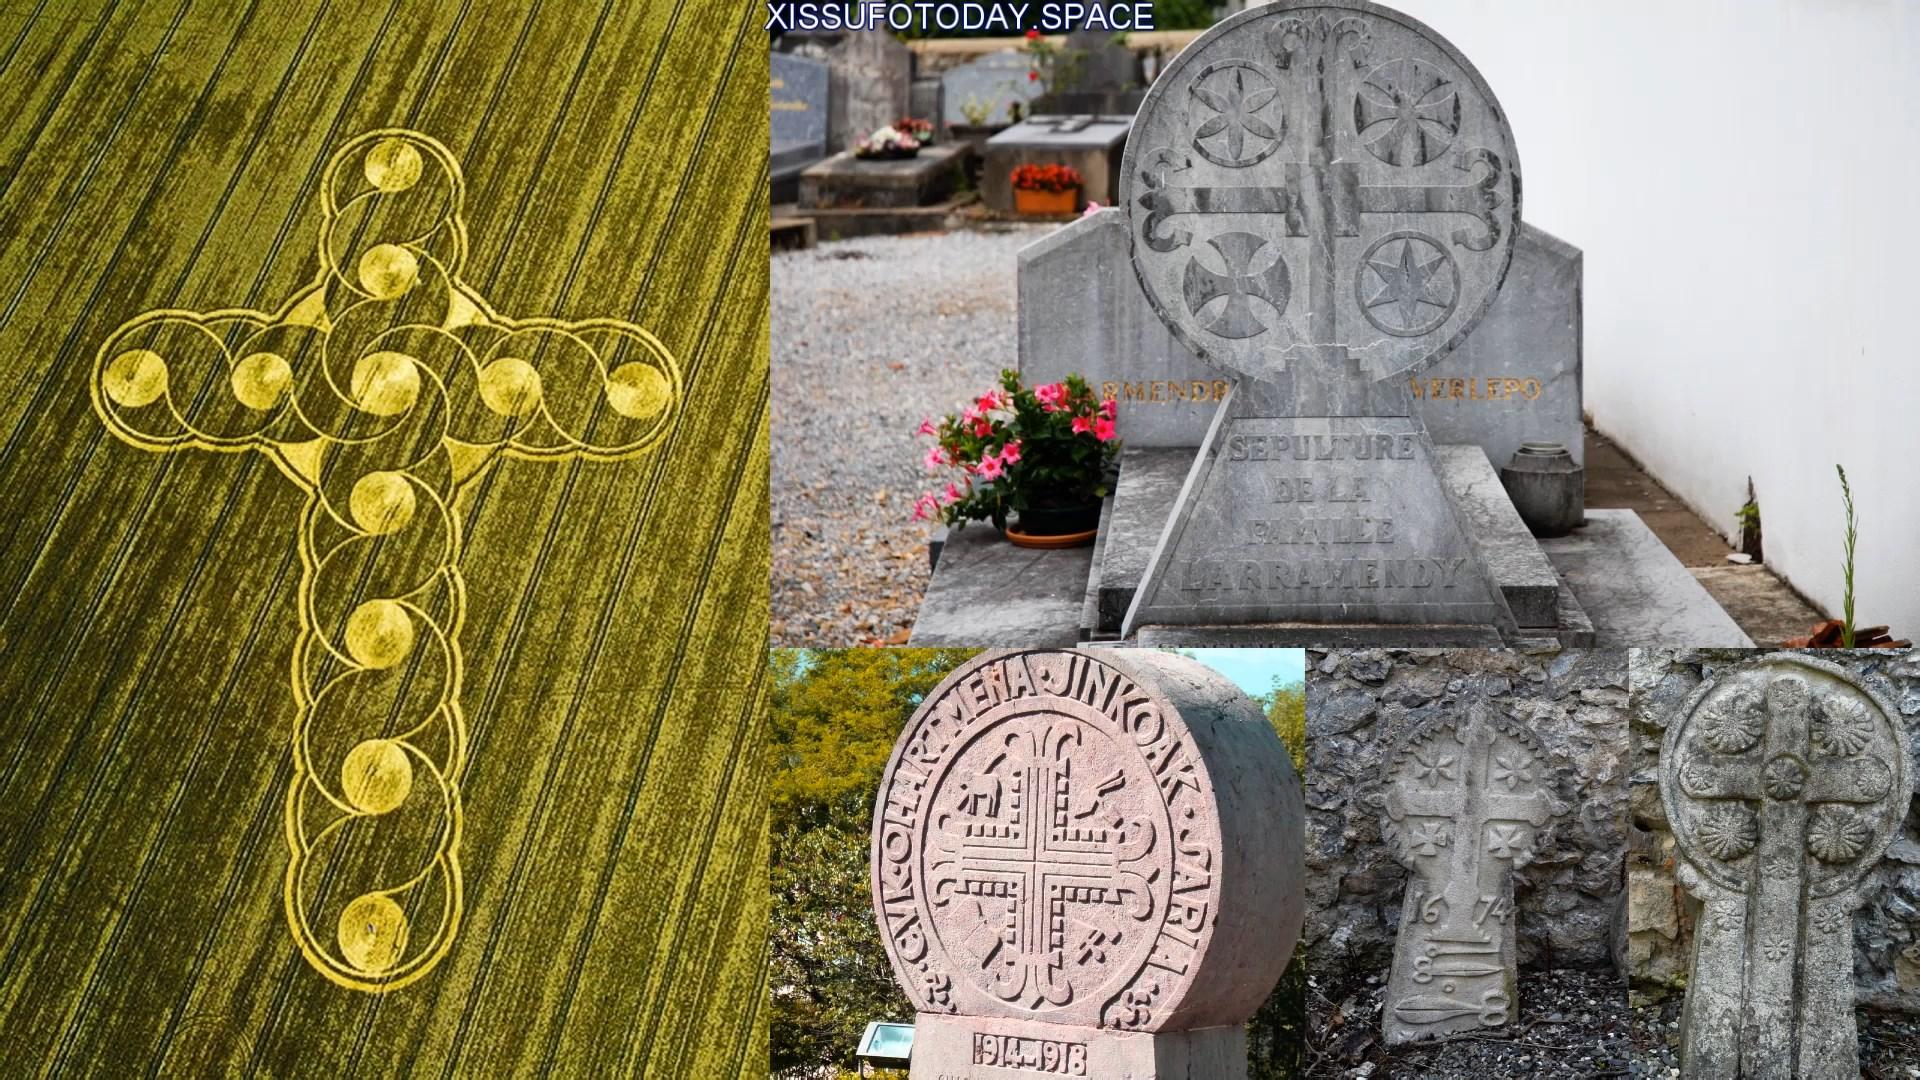 Crop circles and ancient symbols